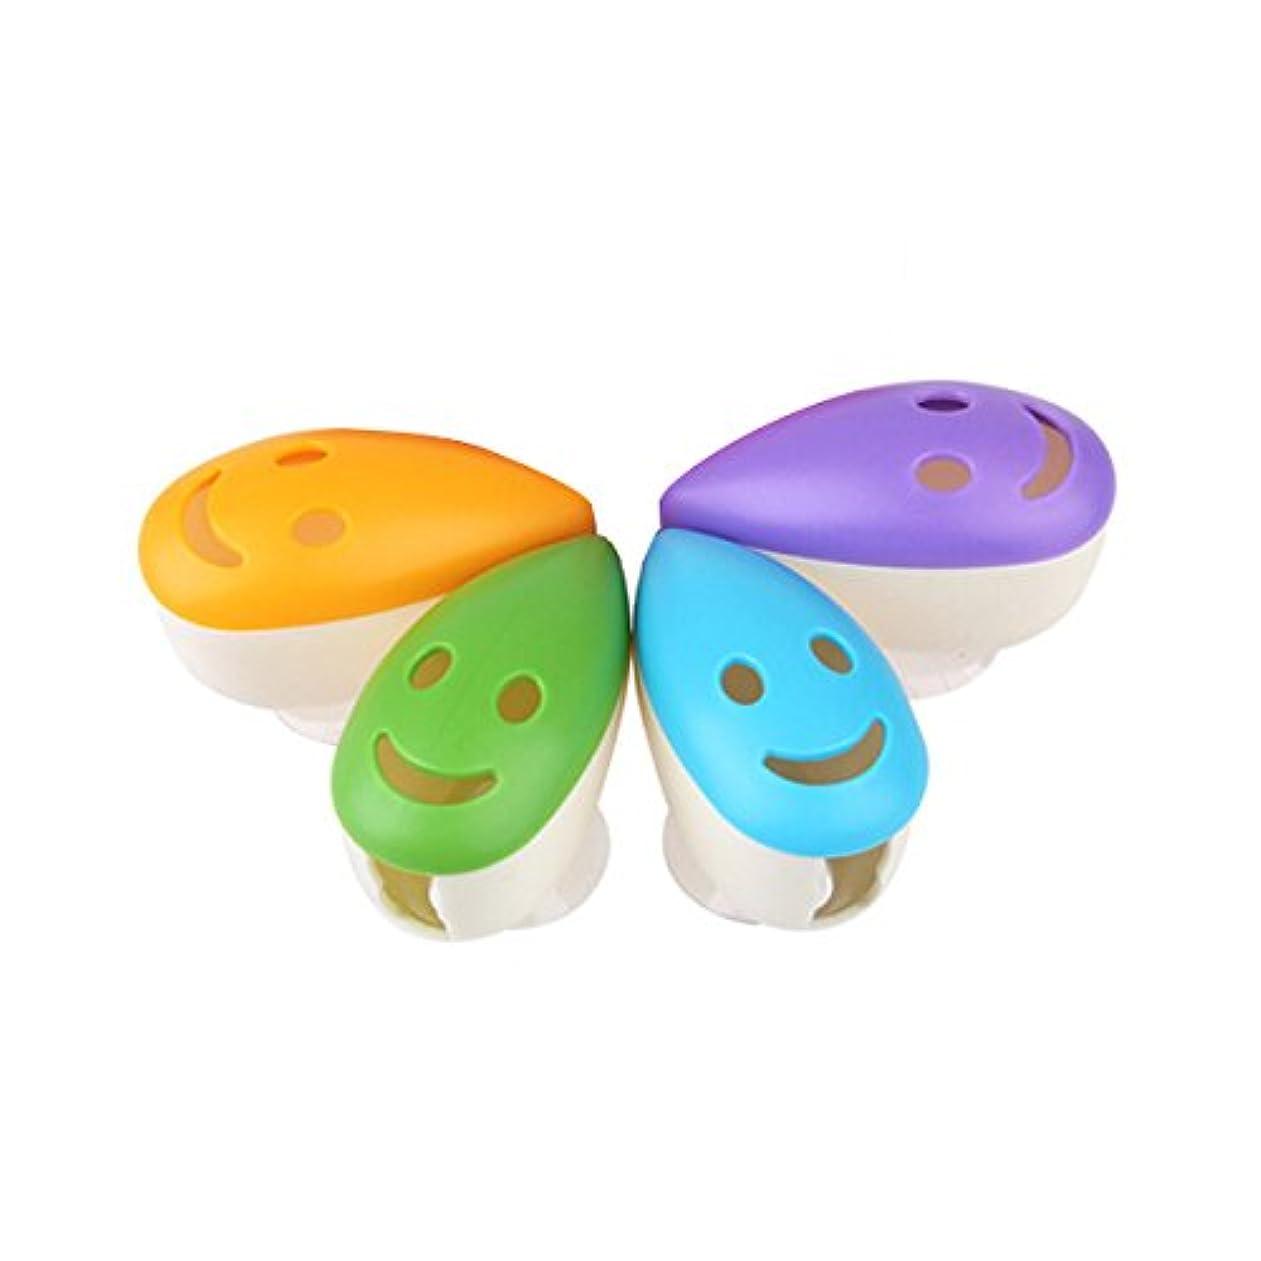 ラフ睡眠ブースト急いでROSENICE スマイルフェイス抗菌歯ブラシヘッドホルダーサクションカップ4本用